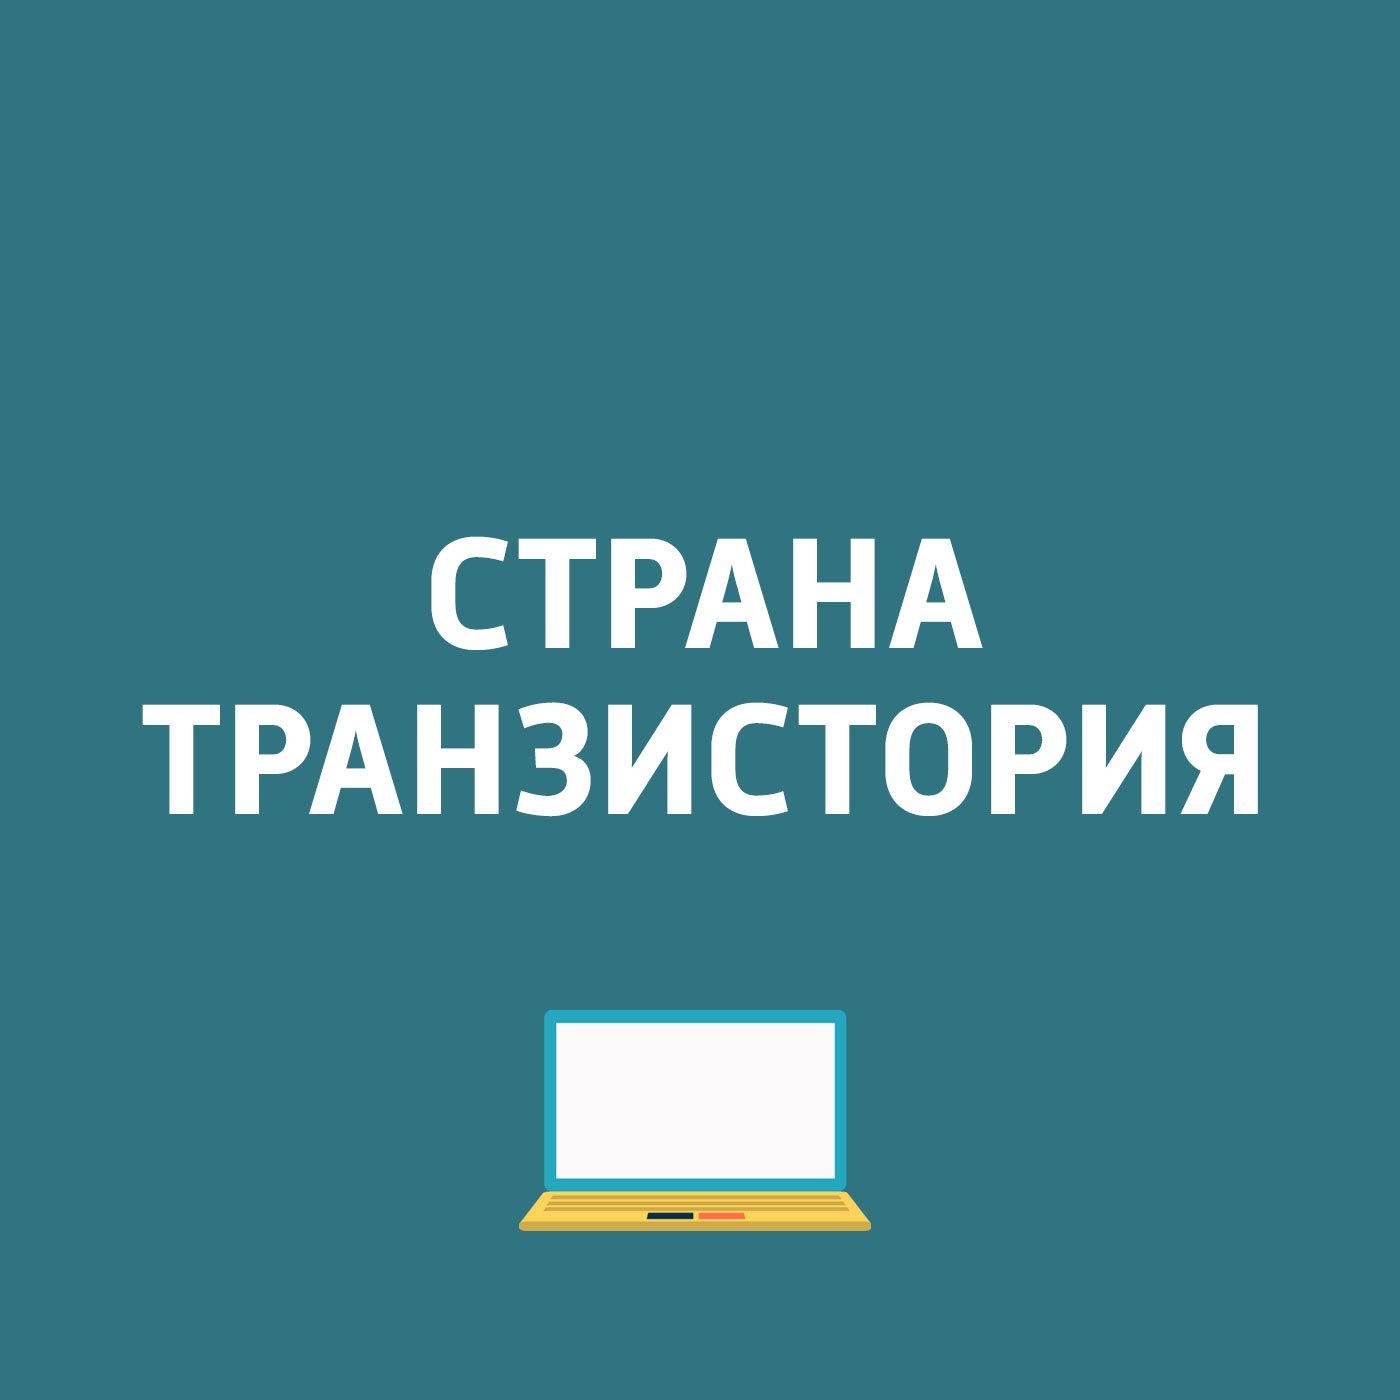 Картаев Павел Госуслуги, камуфляжи картаев павел хворост